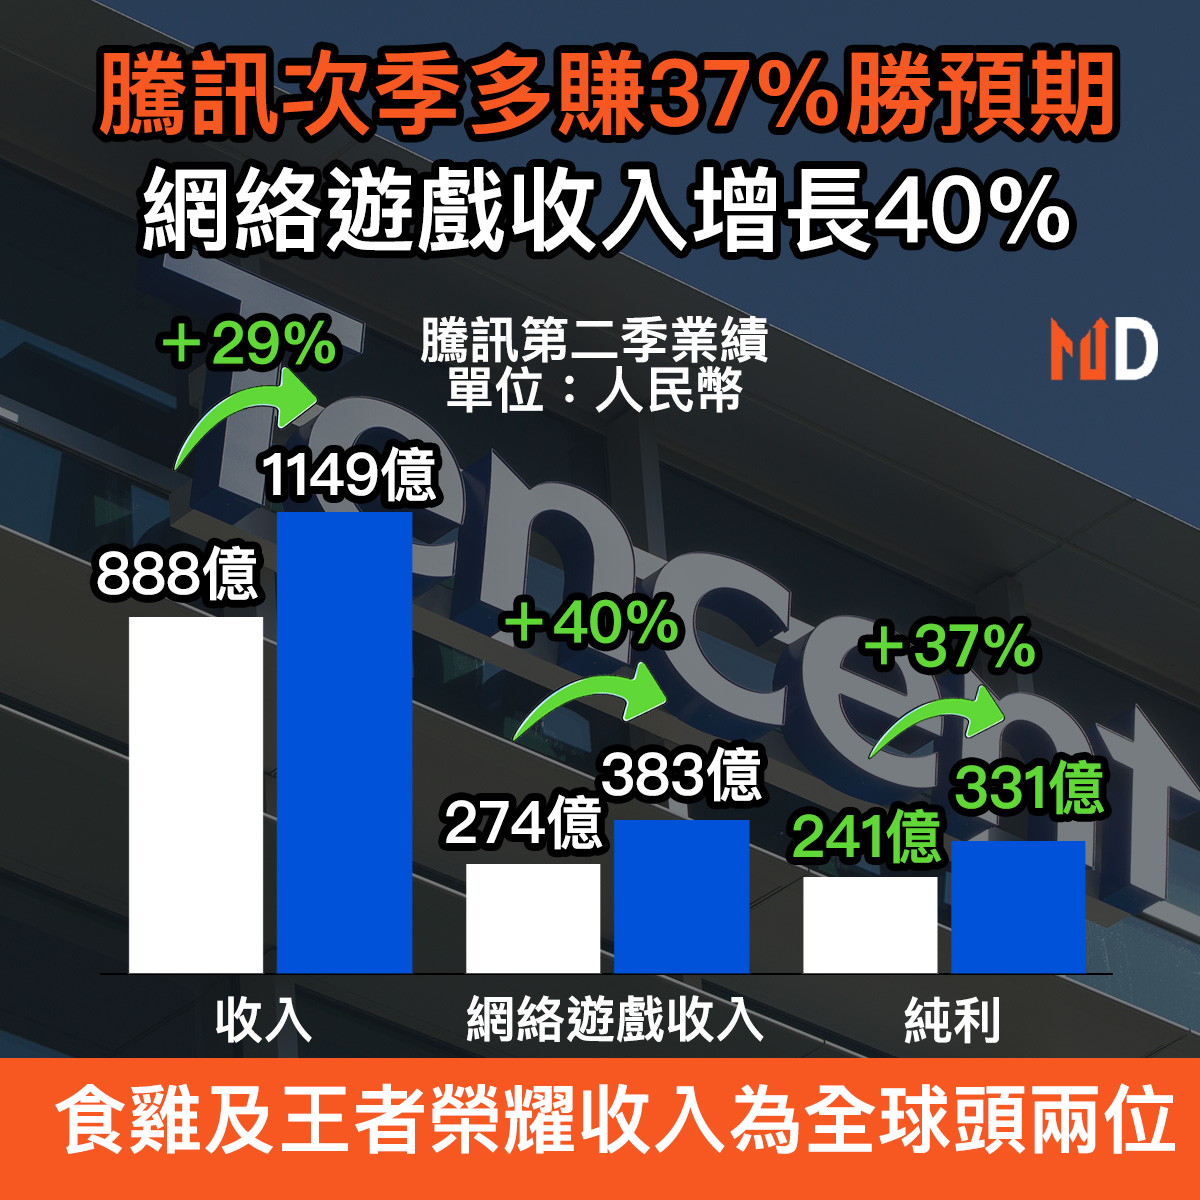 【財報分析】騰訊次季多賺37%勝預期,網絡遊戲收入增長40%